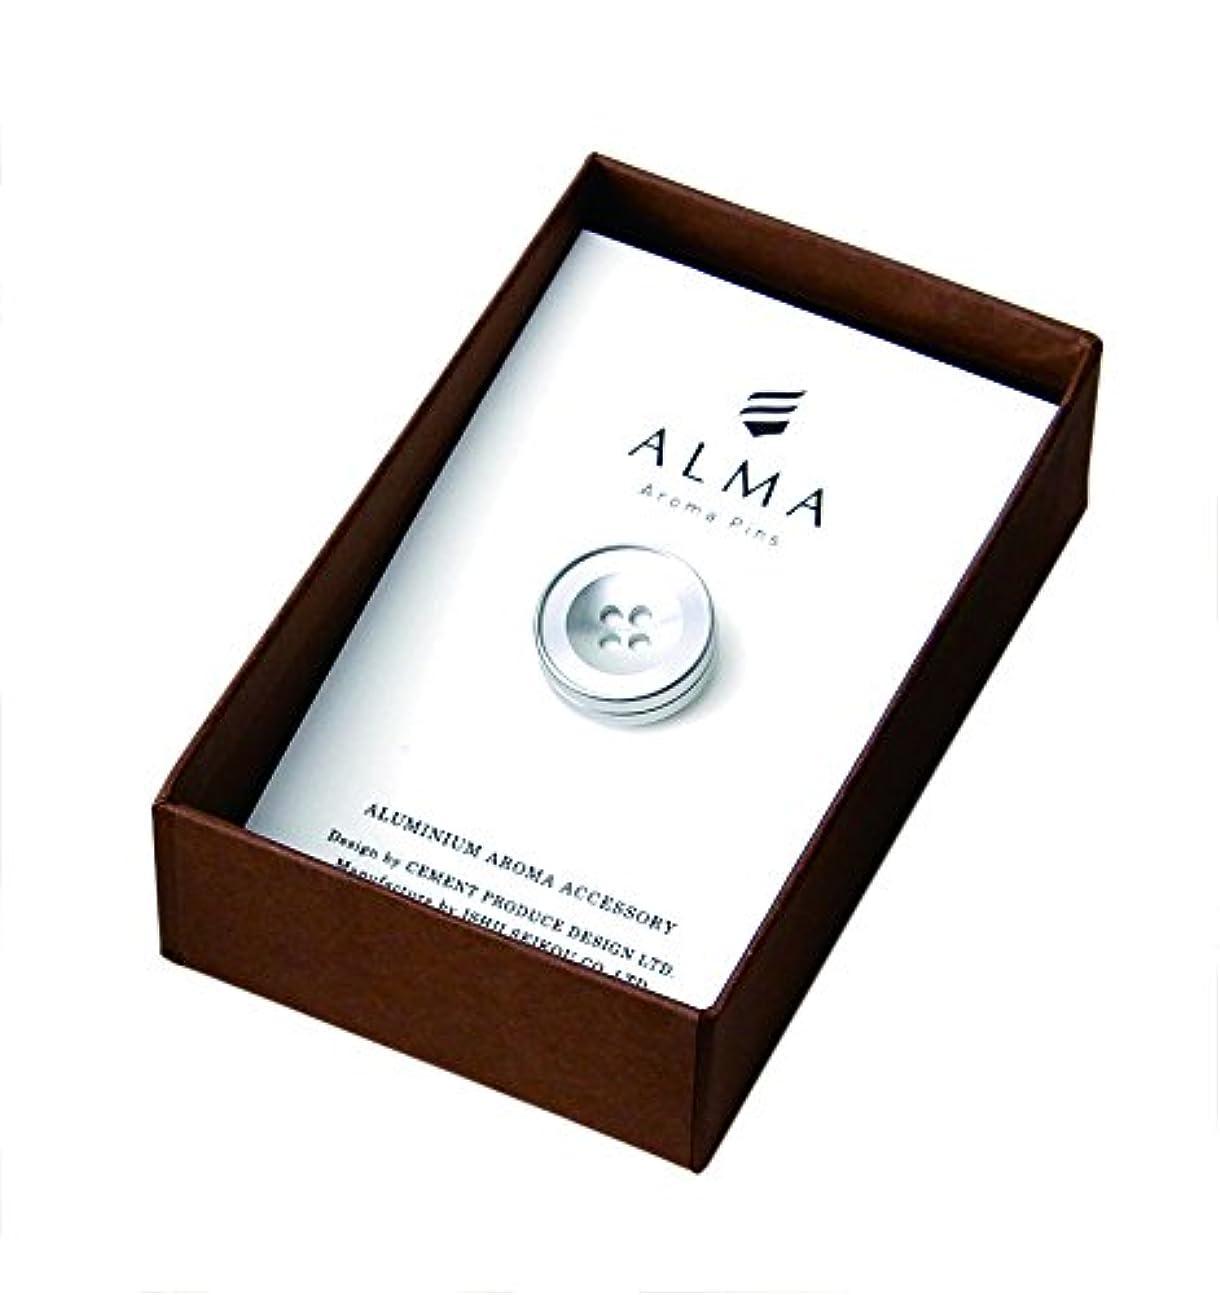 隣接する支援する無許可セメントプロデュースデザイン ALMA Aroma Pins シルバー 1.7×1.9×1.7cm ピンバッジ AM-01sv